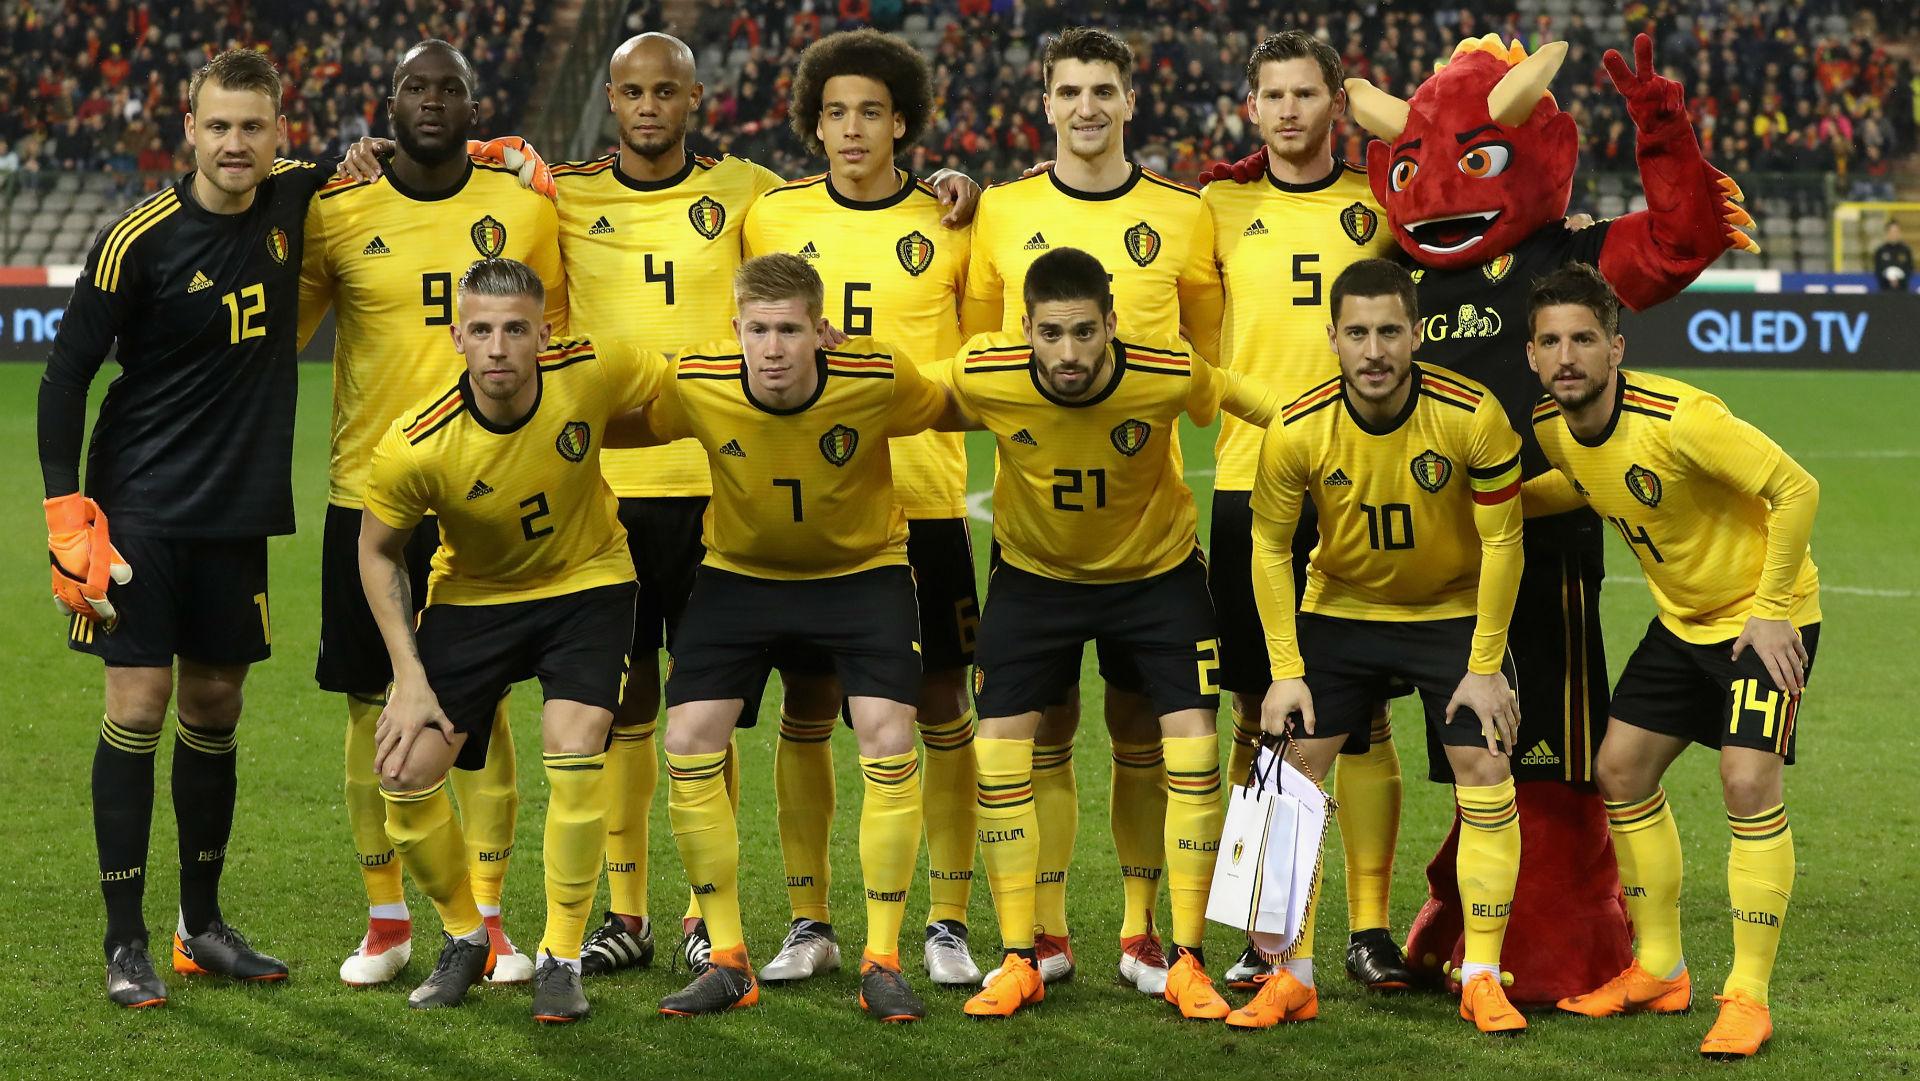 Image result for อาซาร์ลั่นเบลเยียมพร้อมลุ้นแชมป์บอลโลก